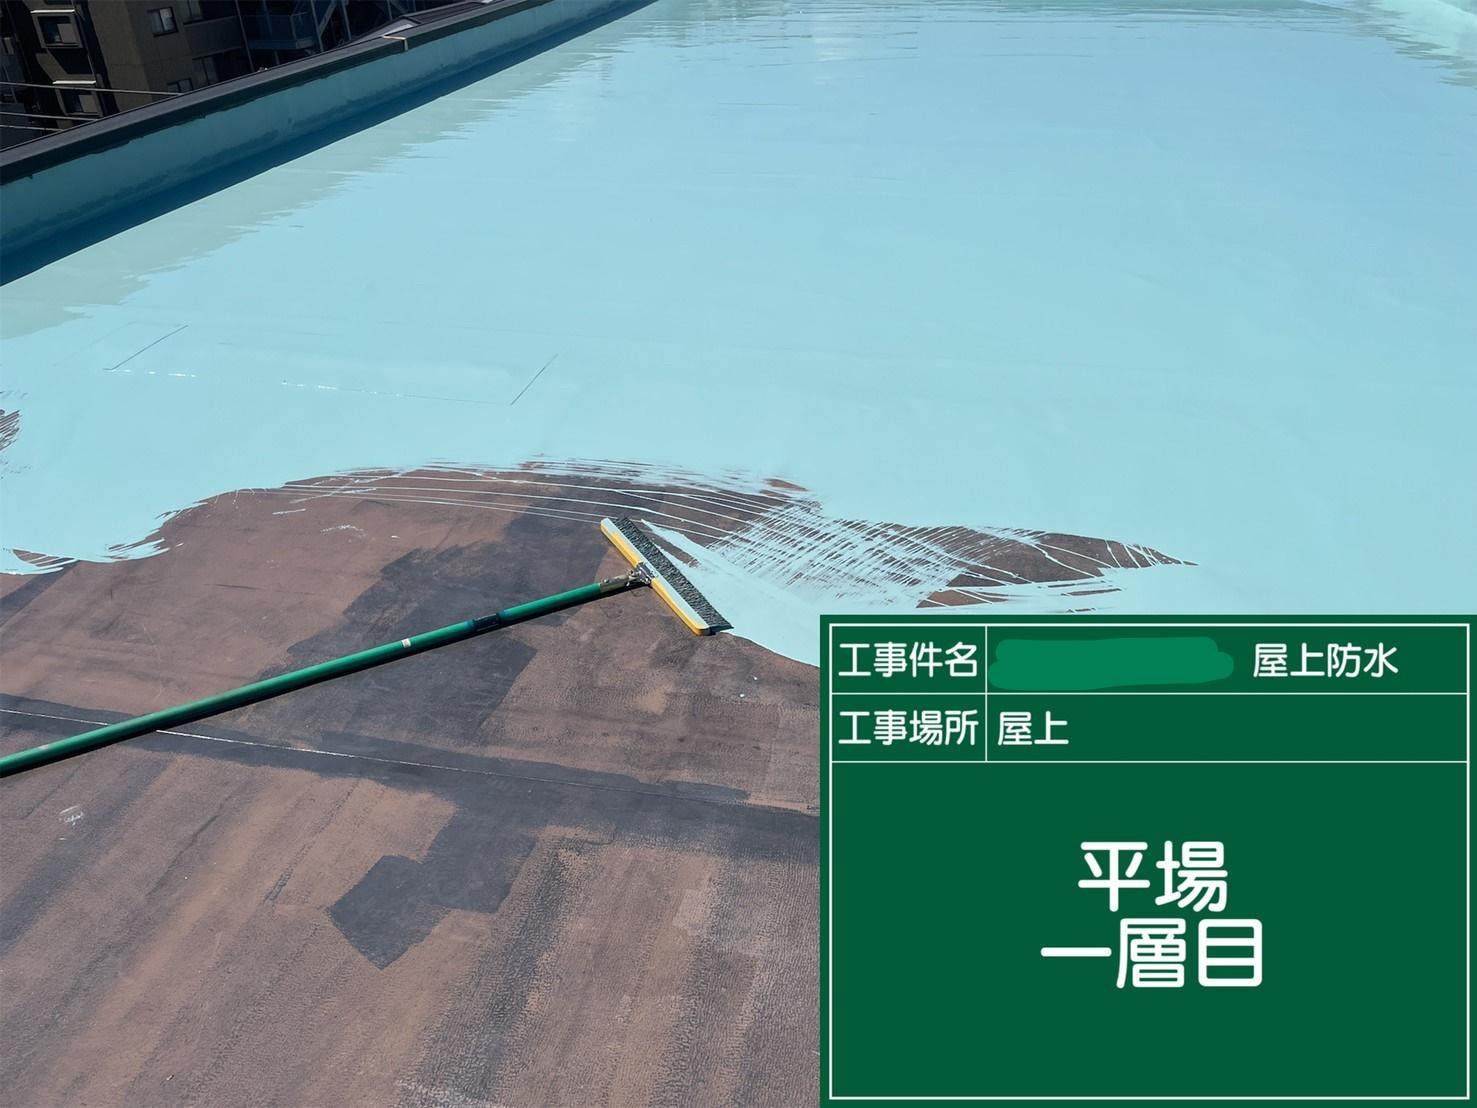 平場ウレタン1層目塗布